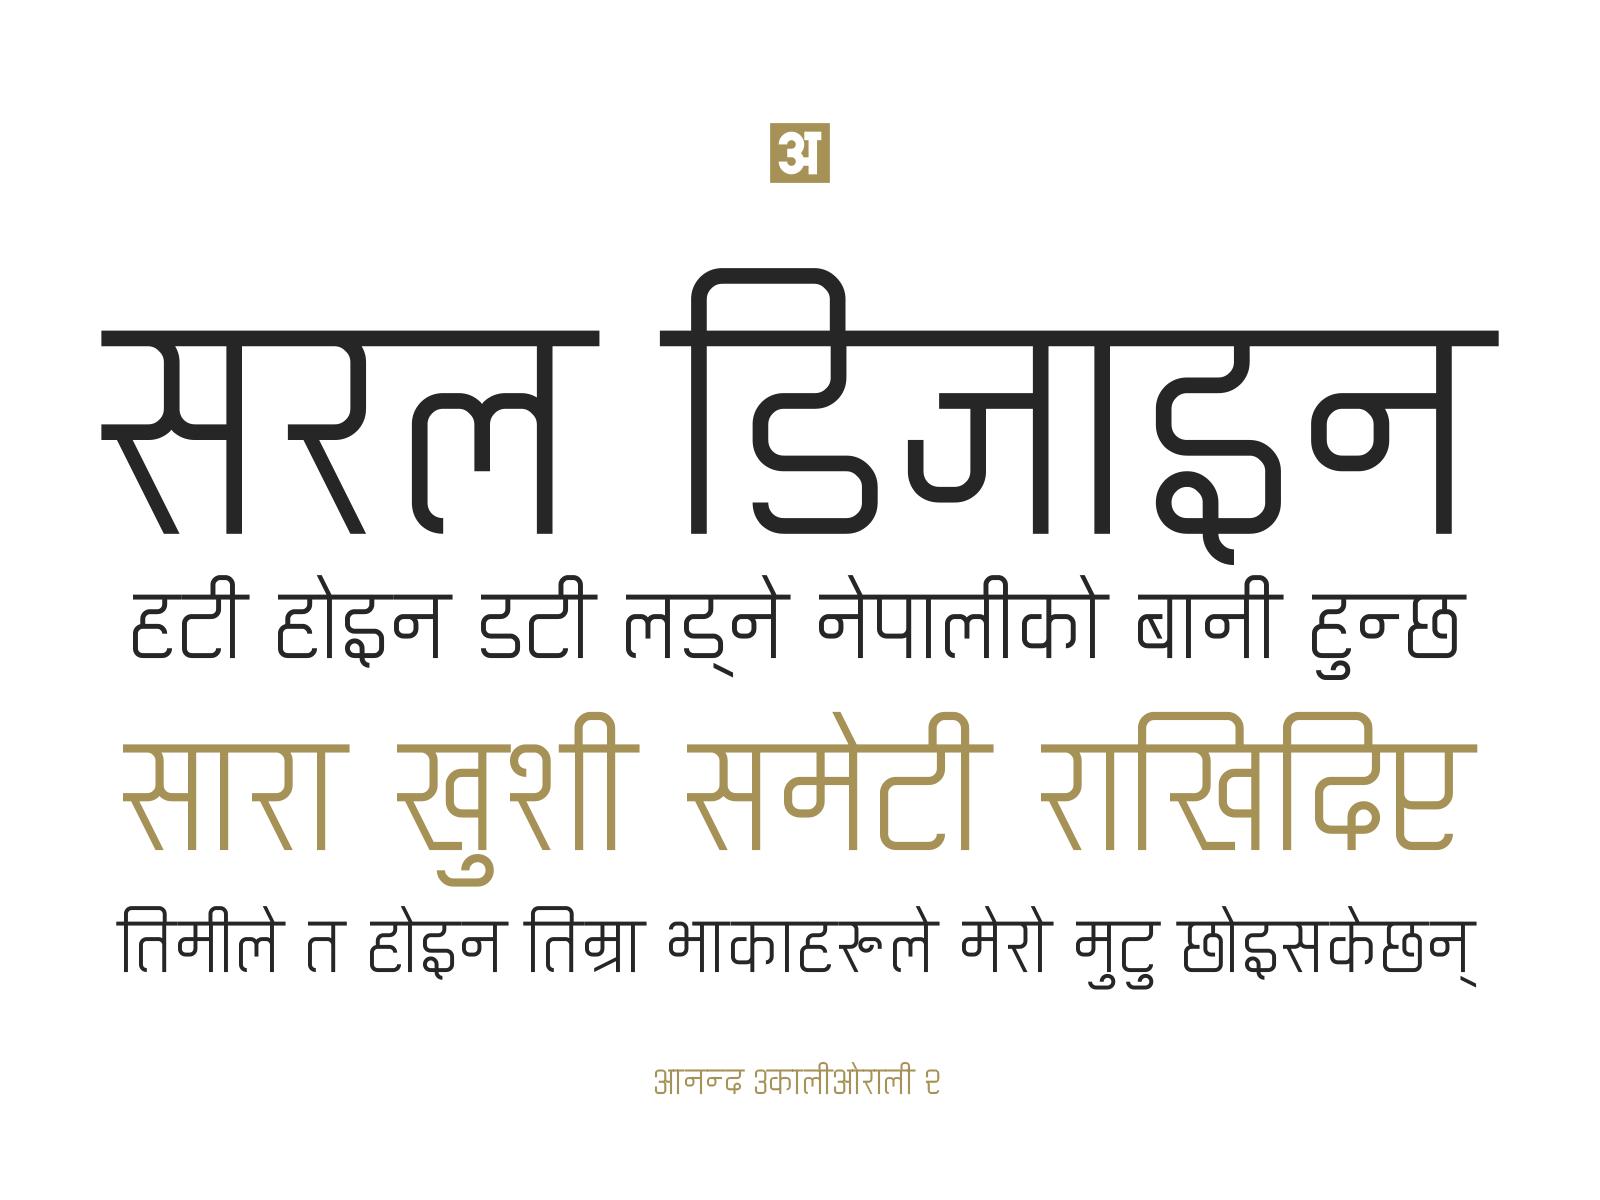 Ananda devanagari round font free on behance.